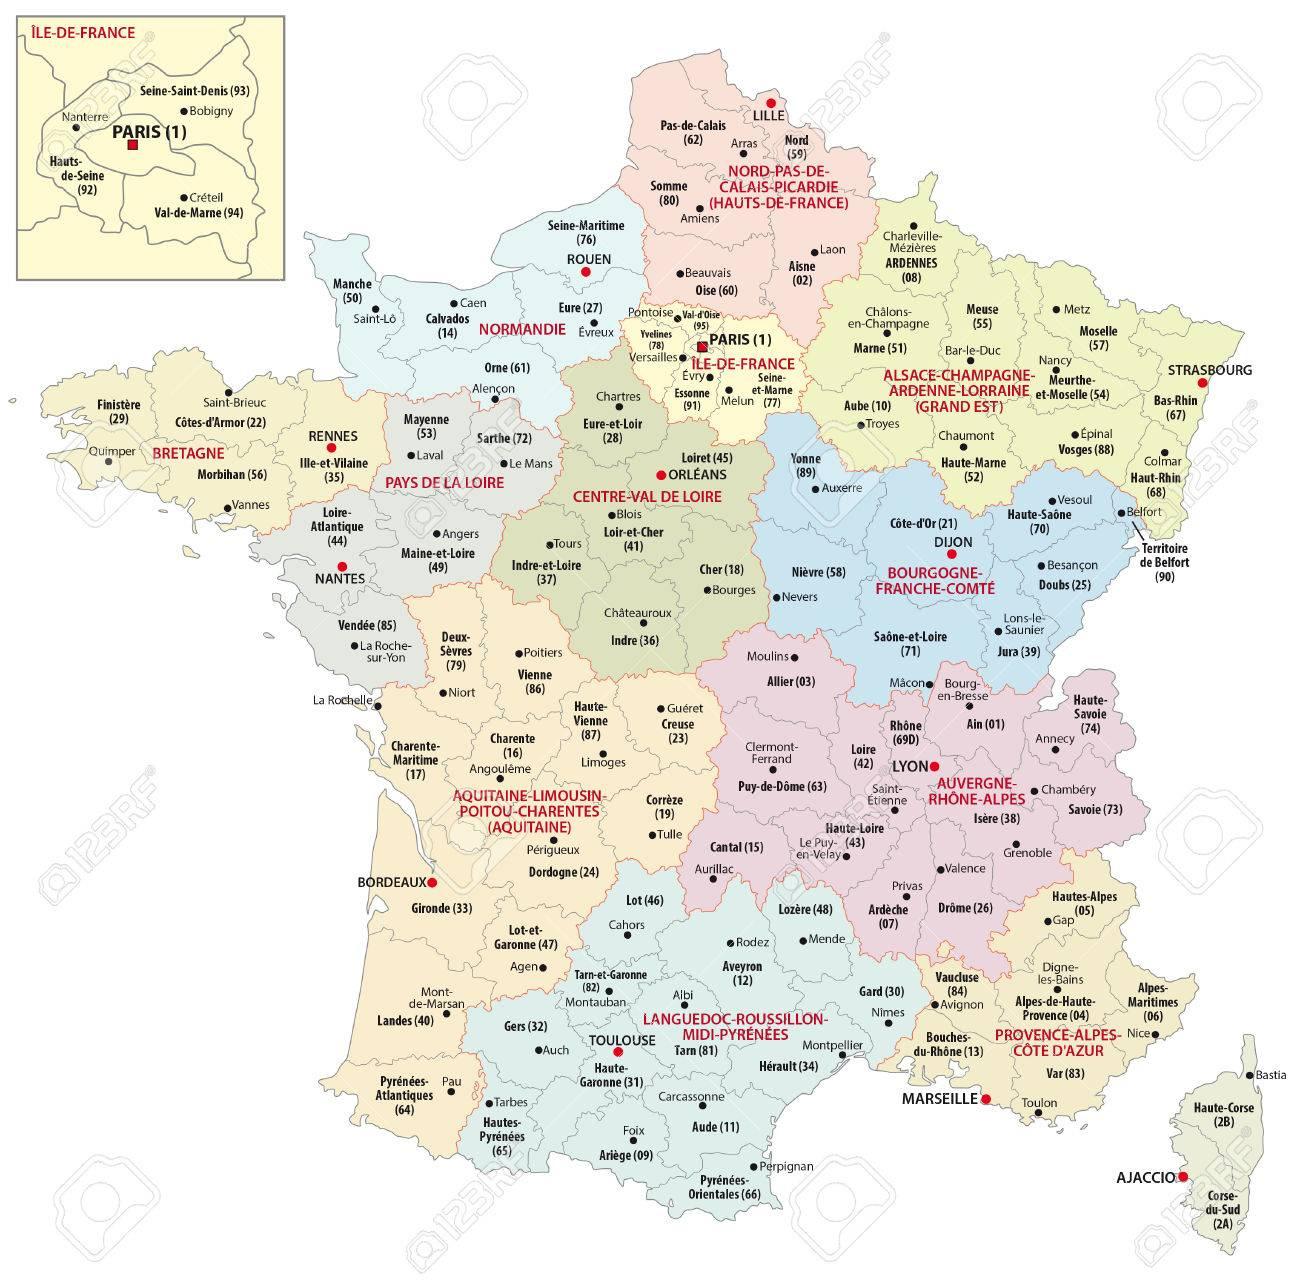 Les Nouvelles Régions De France Depuis 2016 destiné Nouvelles Régions De France 2016